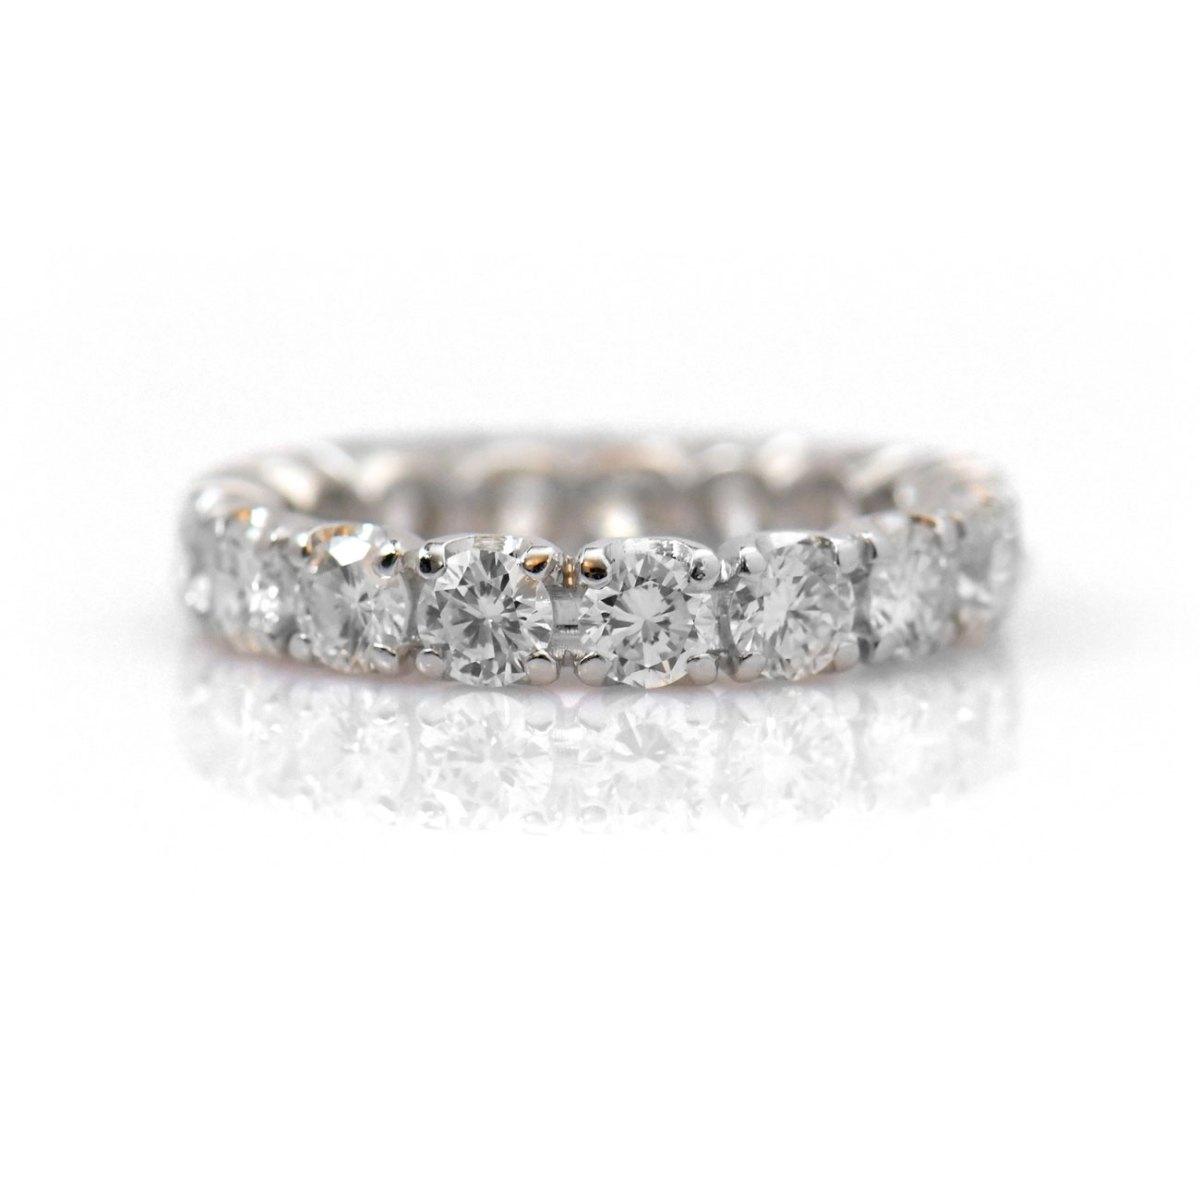 t env., Alliance Américaine Diamants, taille Brillant, 2,70 c serti griffes, or blanc 750 ‰ | Réf. BA-B17906 |EVENOR Joaillerie • Bijoux neufs, bijoux Vintage, bijoux d'occasion